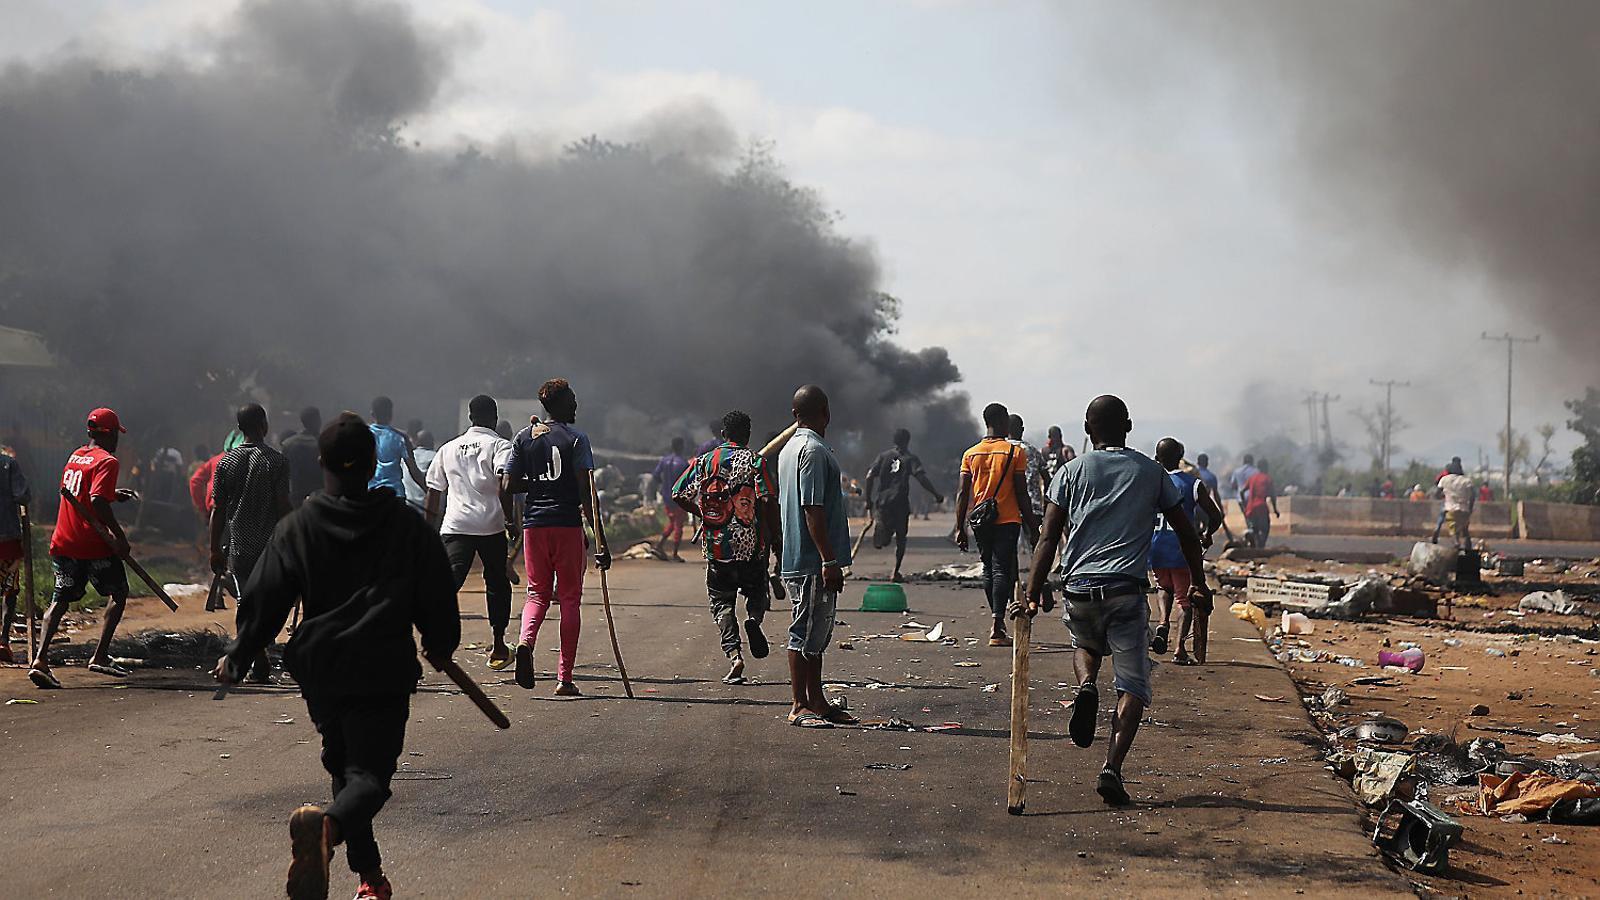 L'Exèrcit ataca joves desarmats i la ira esclata a Nigèria